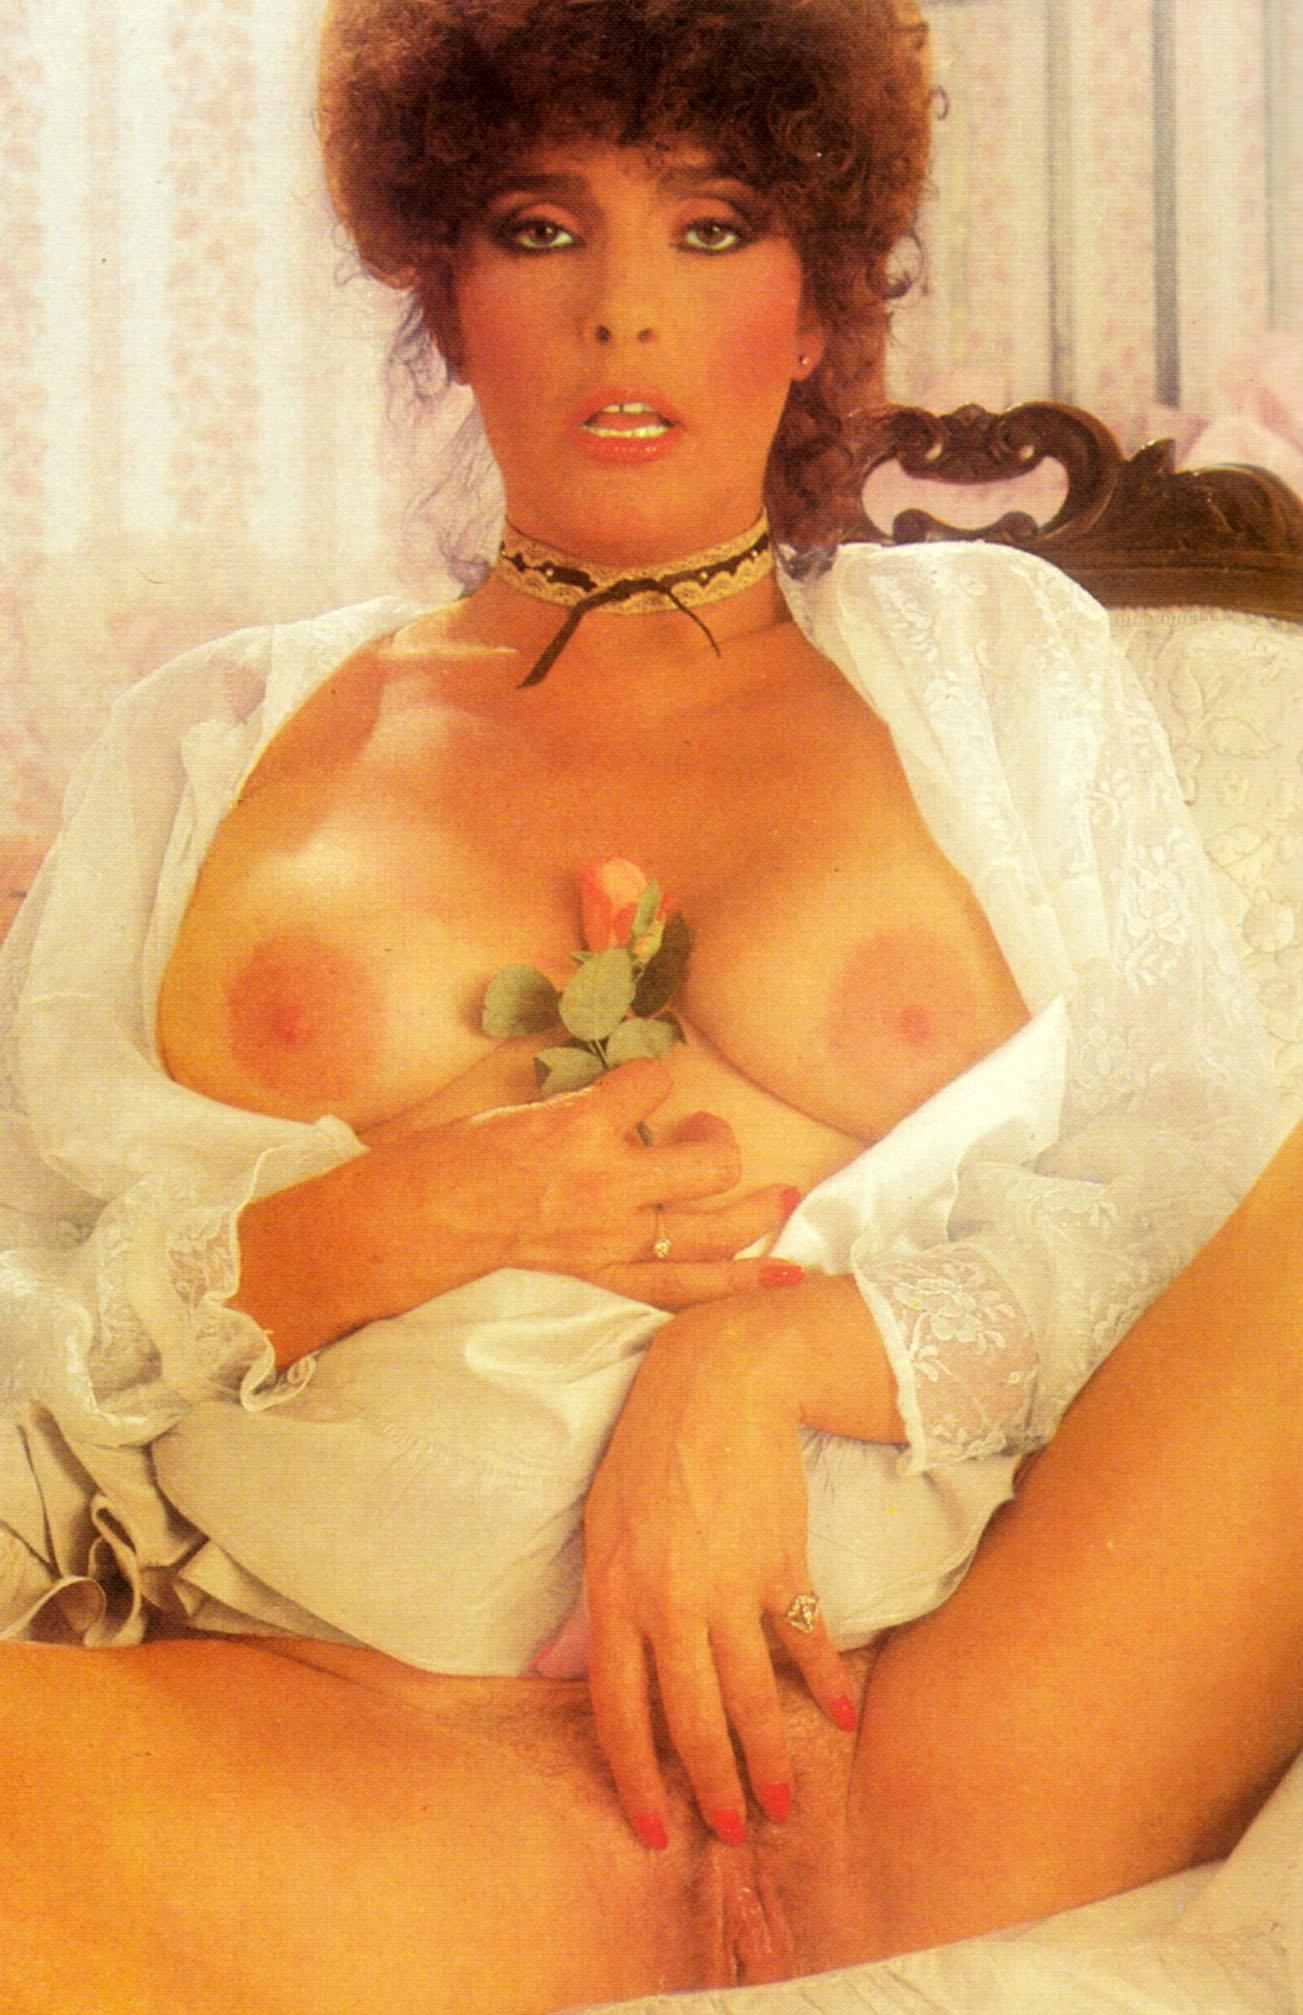 gloria leonard hot